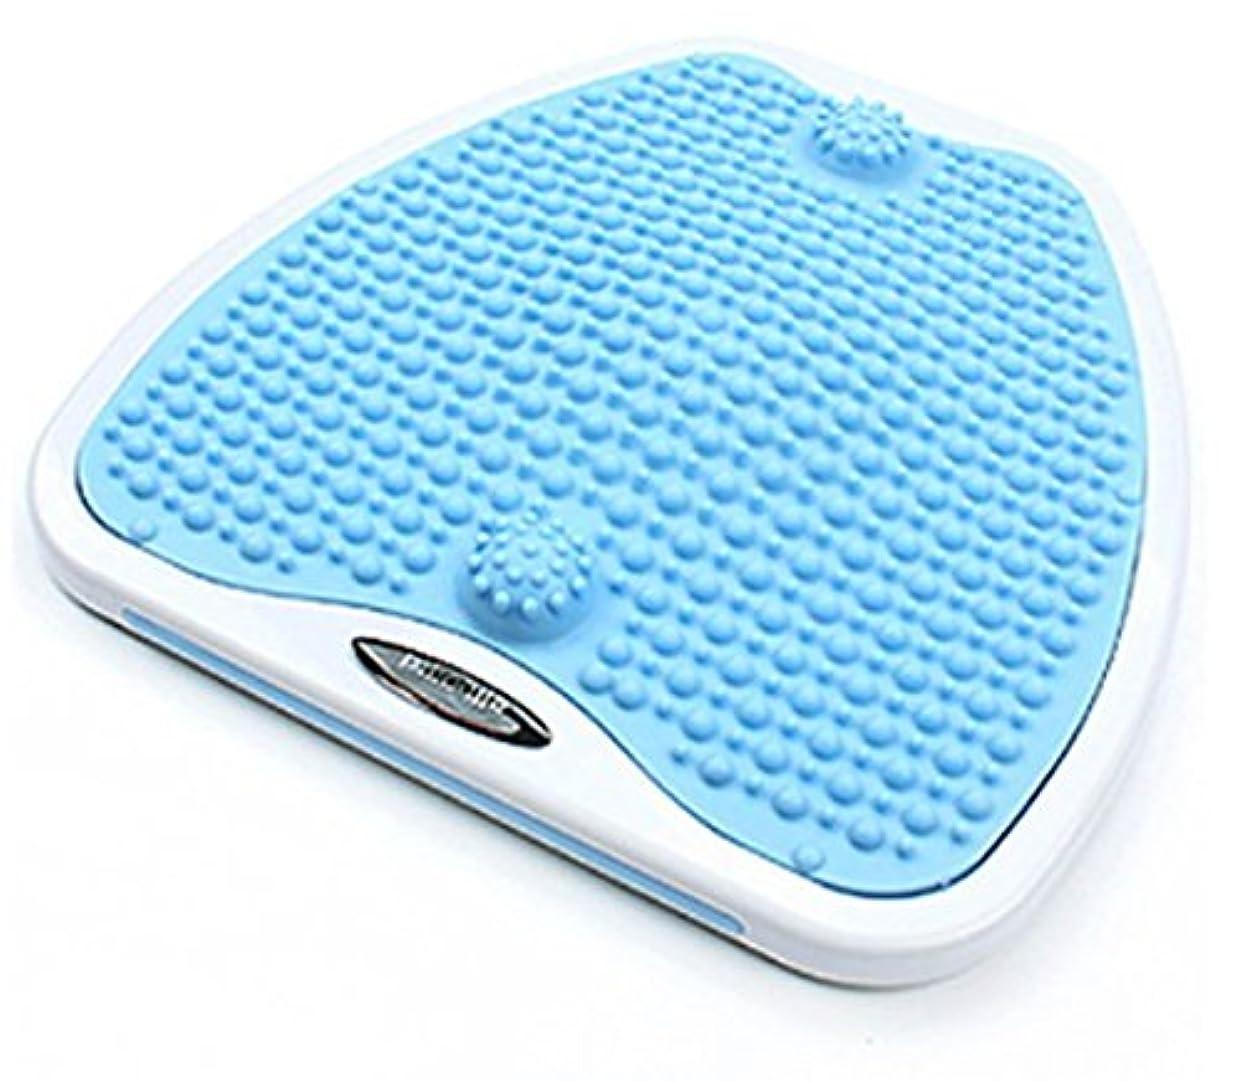 泥だらけゼロコンチネンタルWheel Nature El-board 多目的 足 指圧 運動器具 リコンパッド 家事 事務室 日常生活 海外直送品 (Multi-purpose Foot Pressure Silicon pad Exercise...